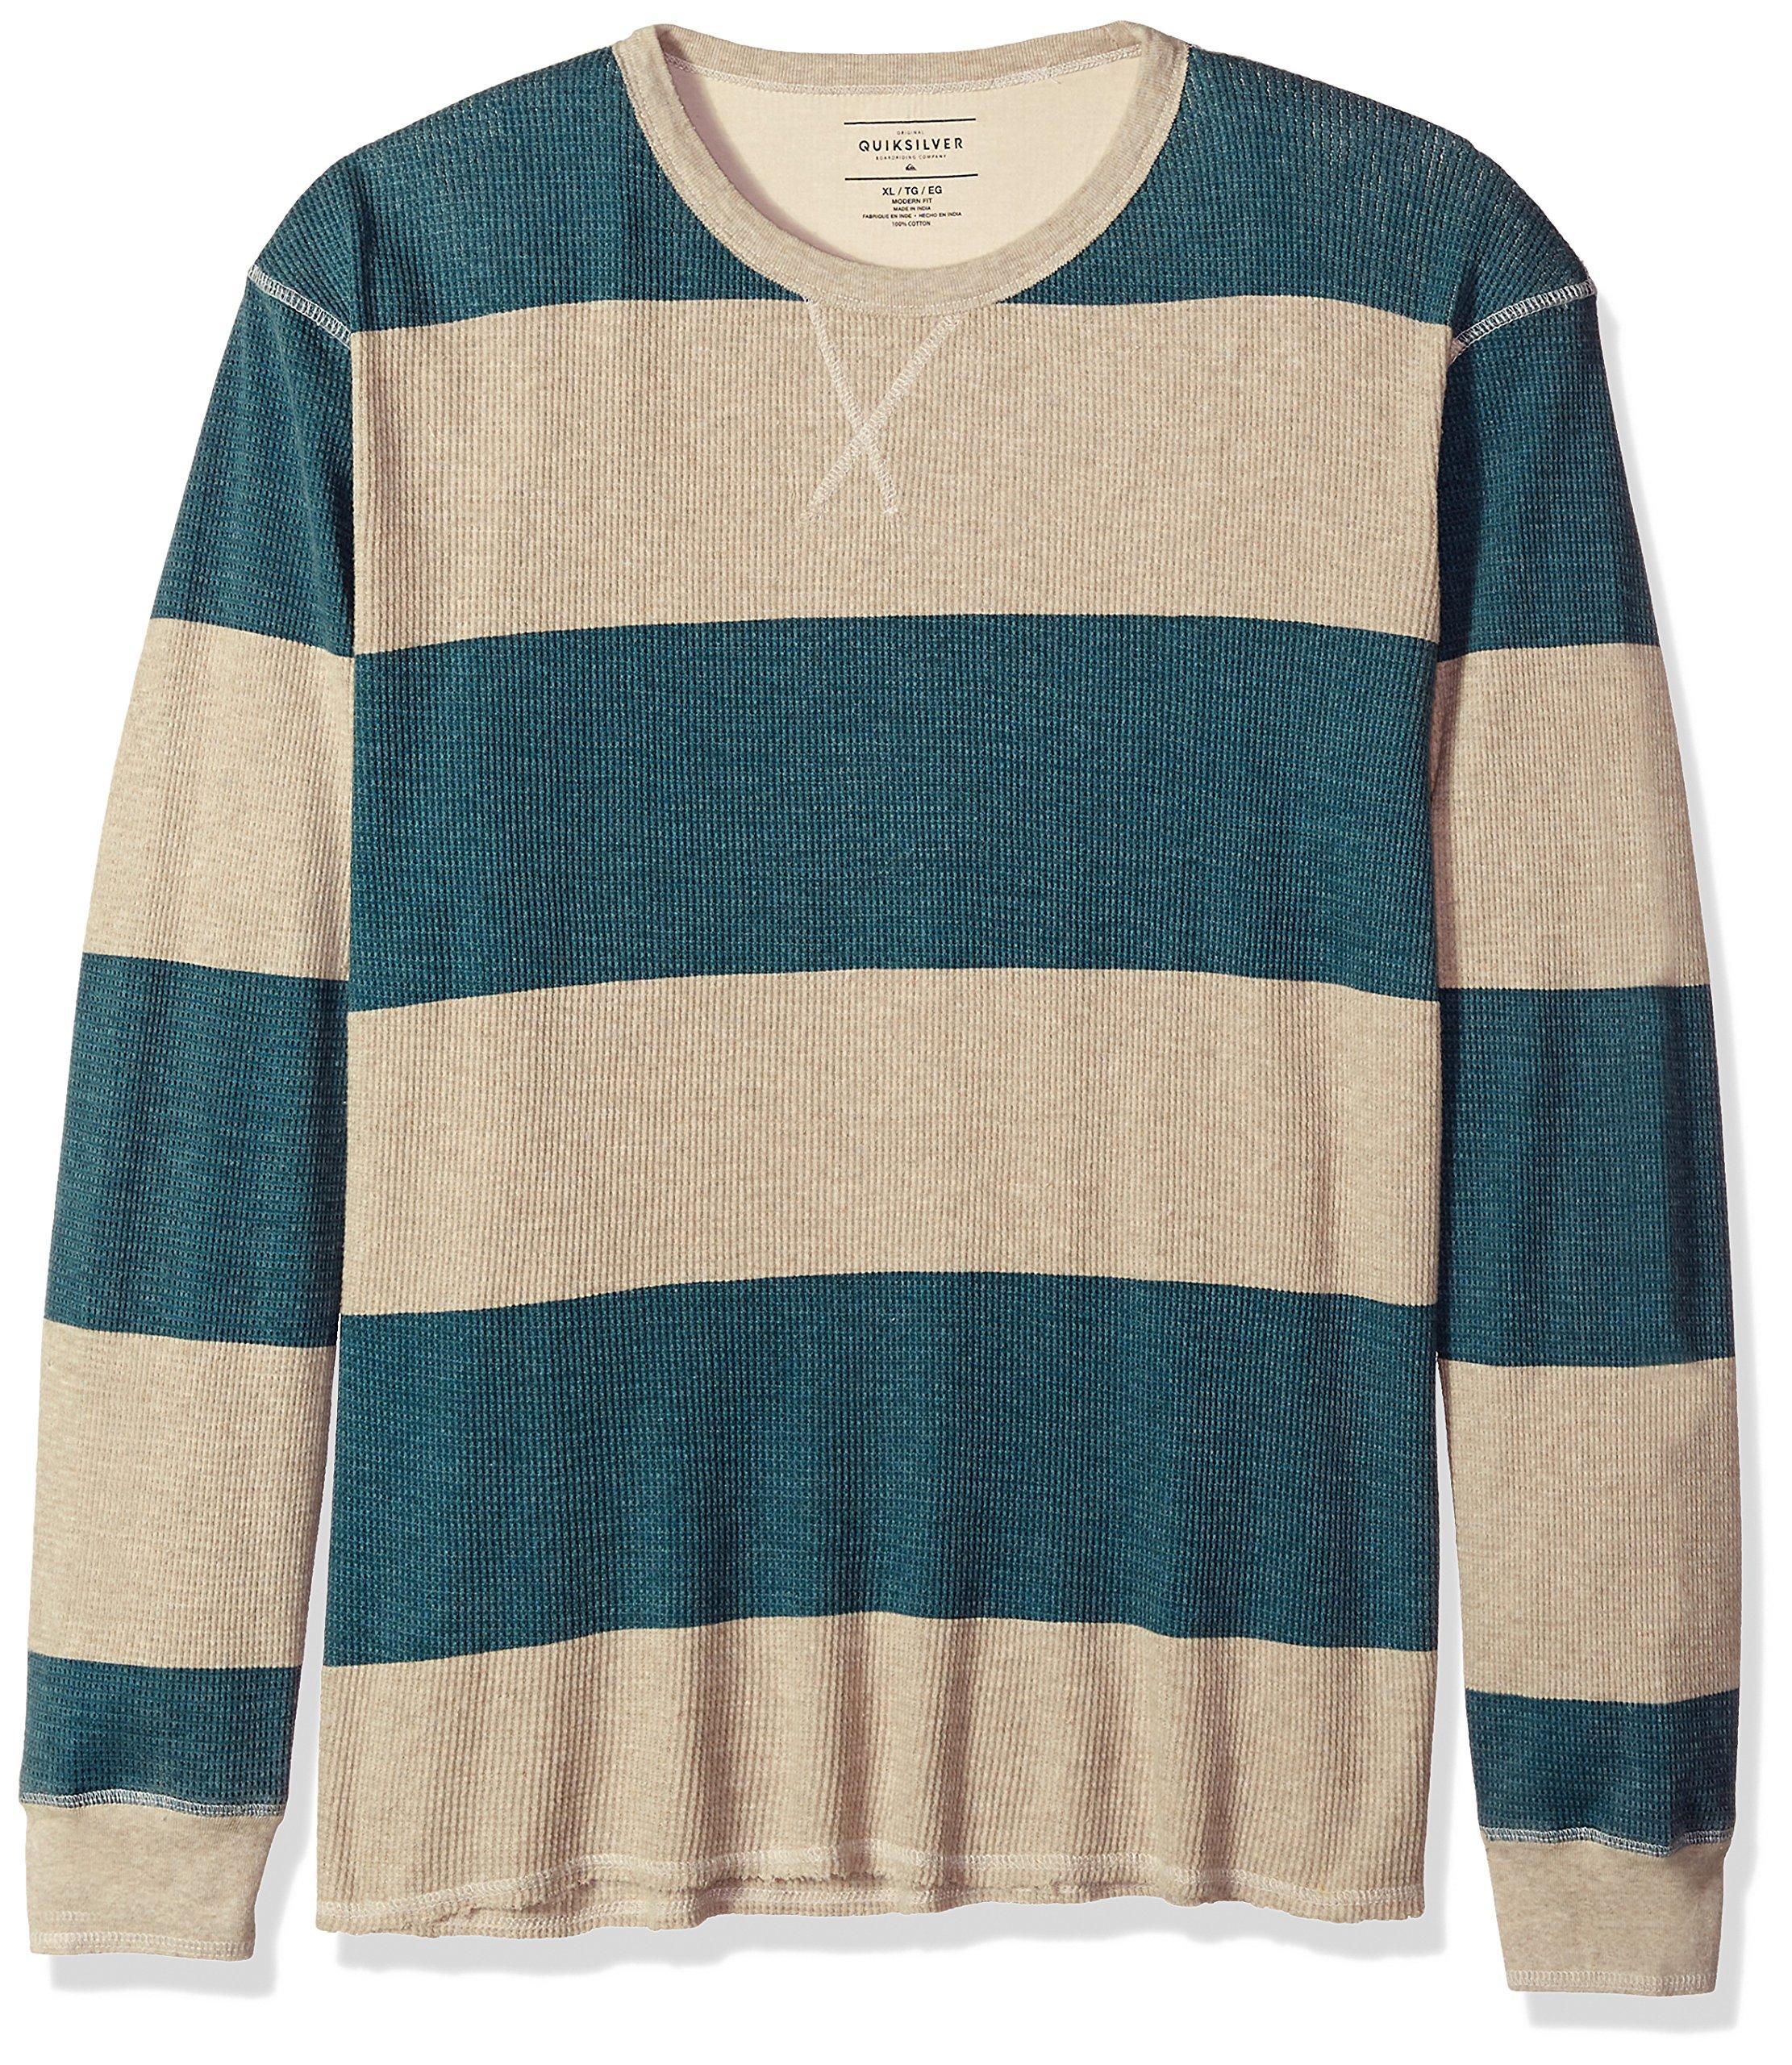 Quiksilver Mens Sandberm Knit Shirt